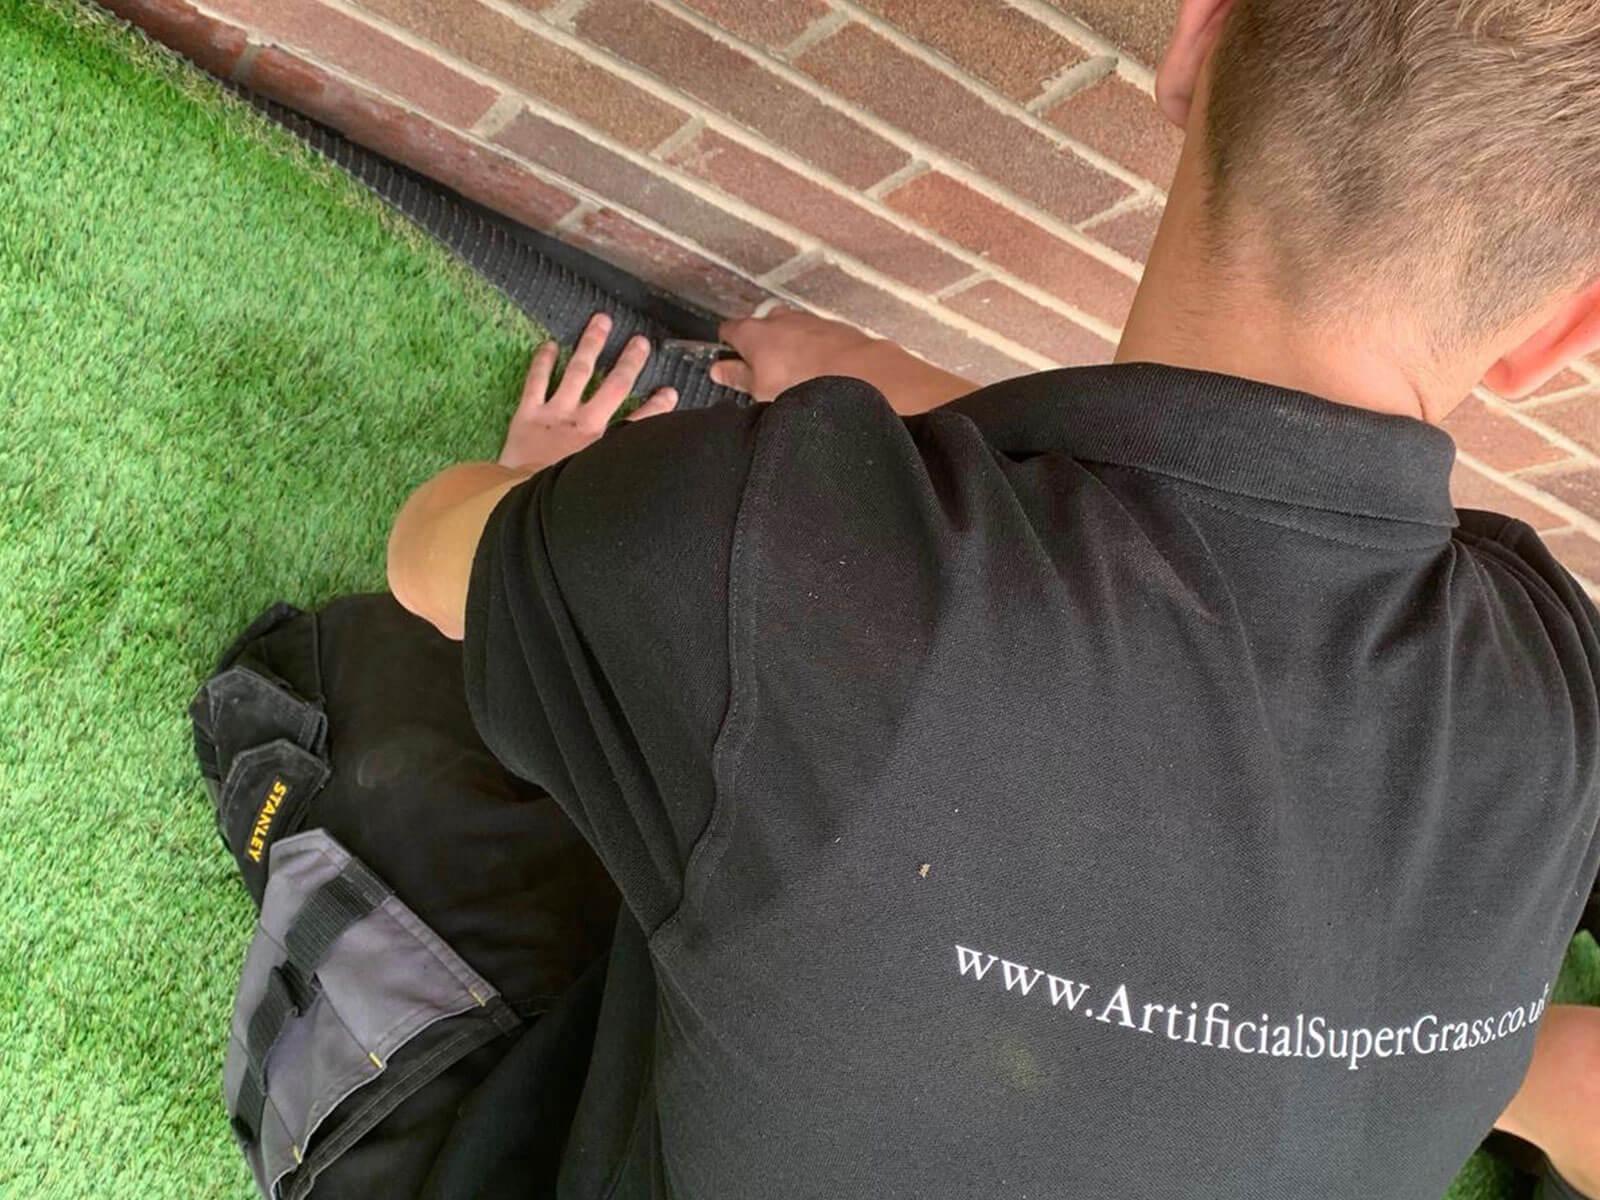 Artificial Grass Suppliers Huddersfield Artificial Super Grass